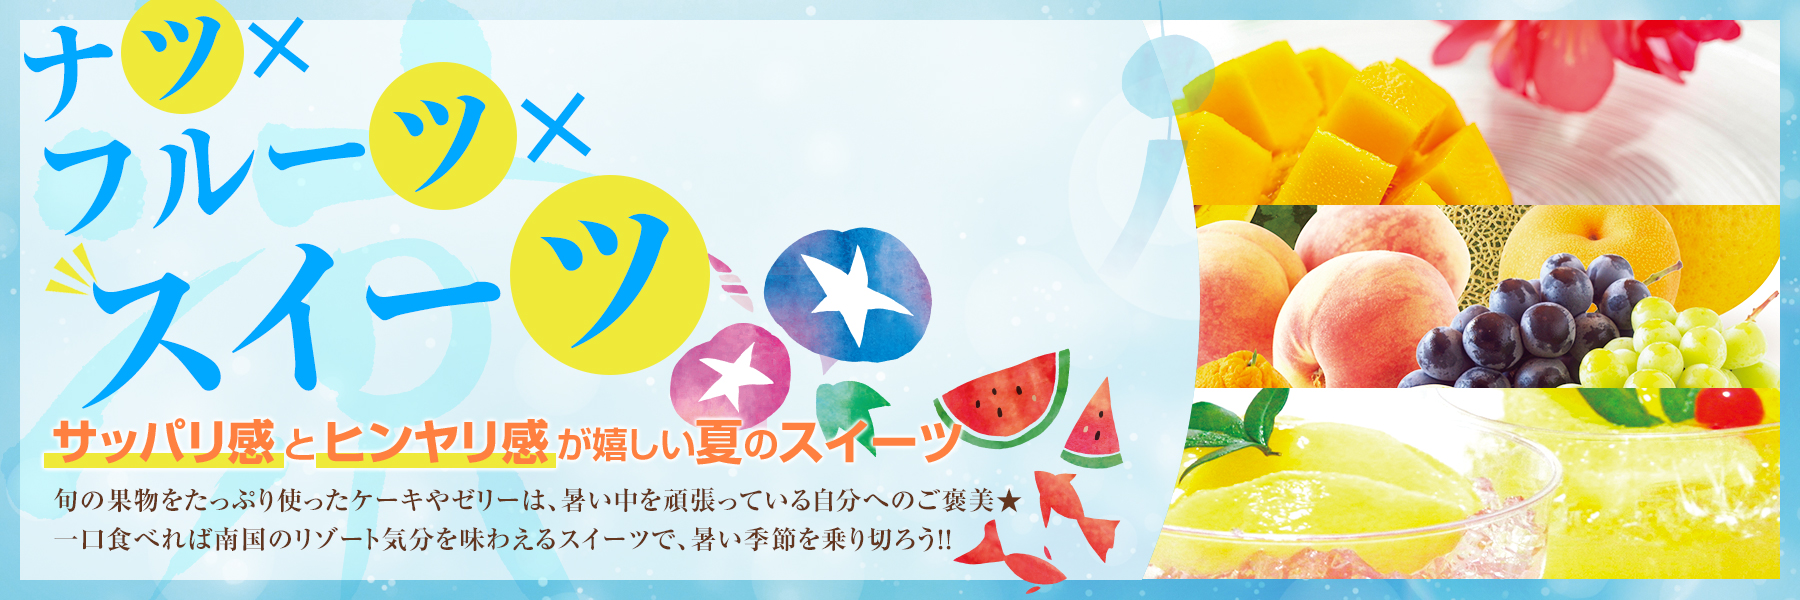 ナツ×フルーツ×スイーツ 〜サッパリ感とヒンヤリ感の嬉しい夏のスイーツ〜